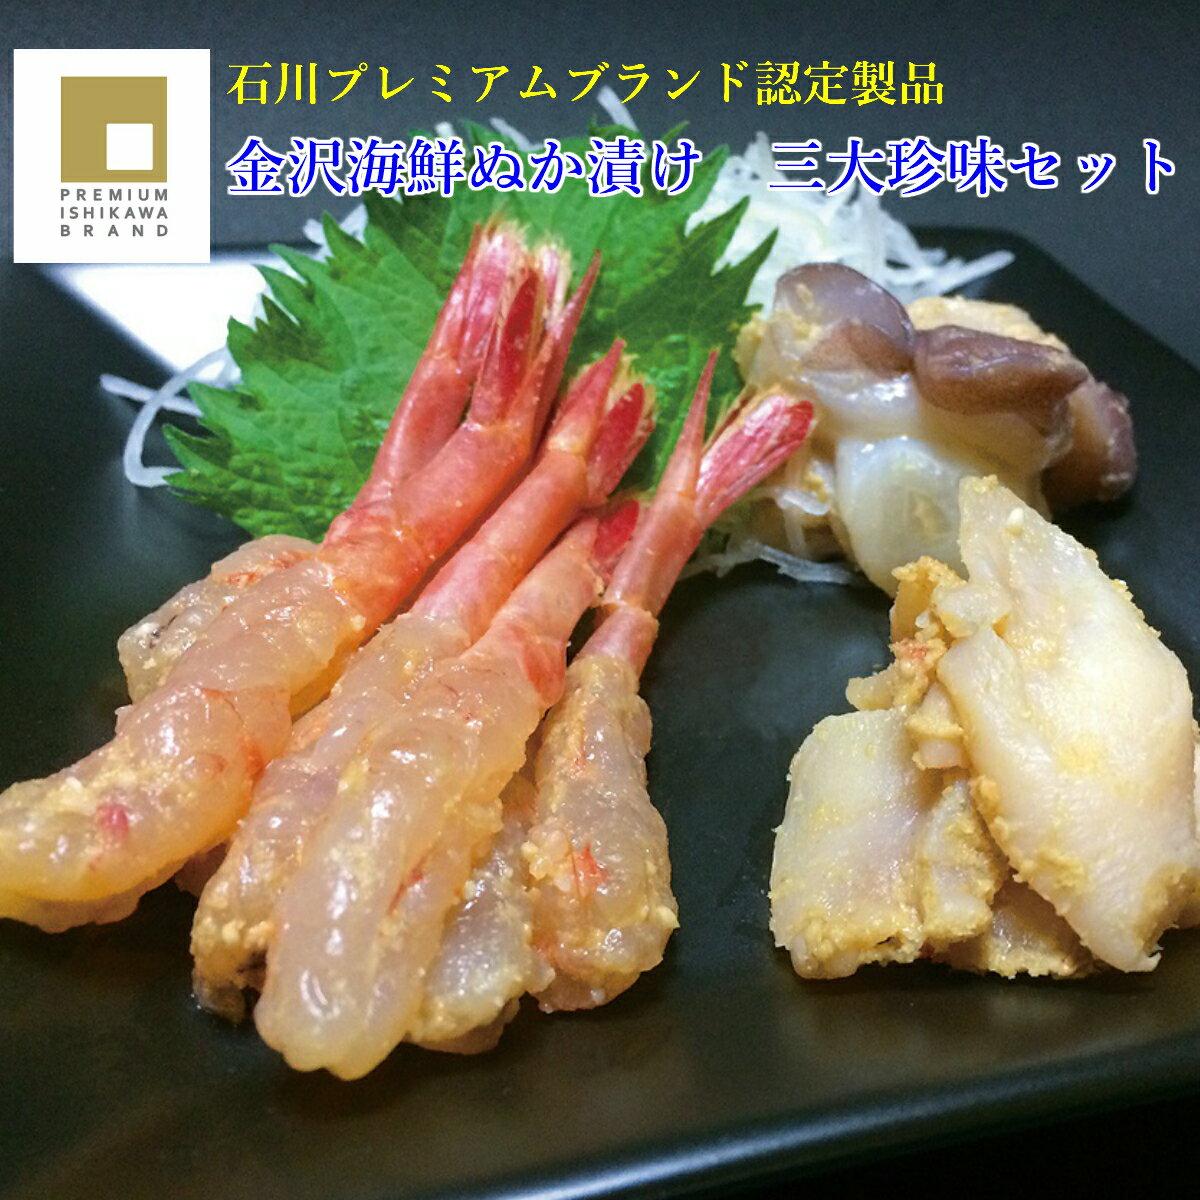 金沢海鮮ぬか漬け 三大珍味セット